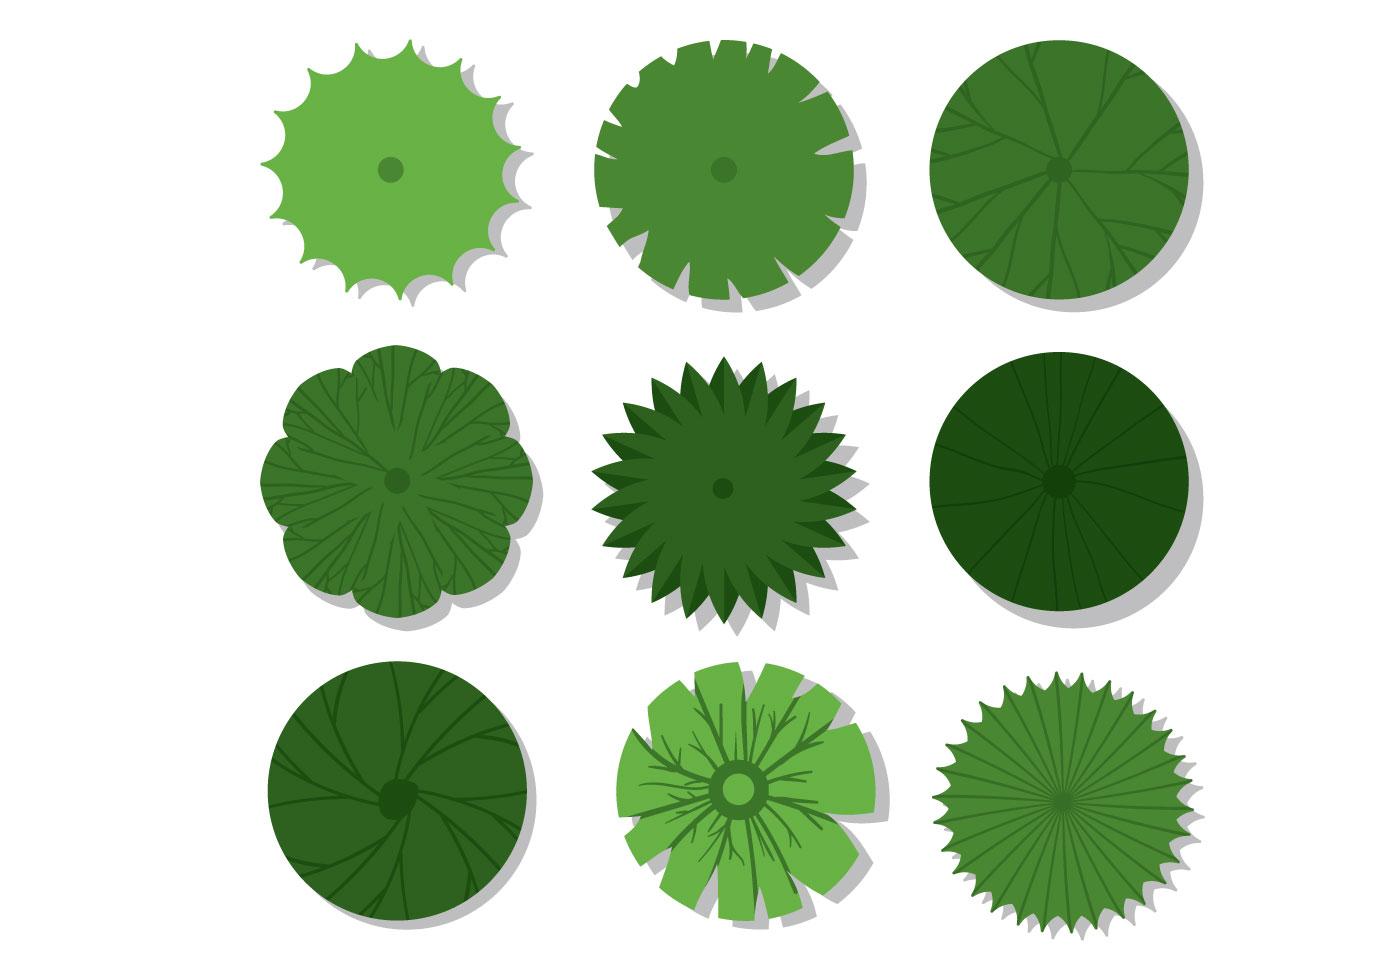 pflanze draufsicht vektoren - kostenlose vektor-kunst, archiv